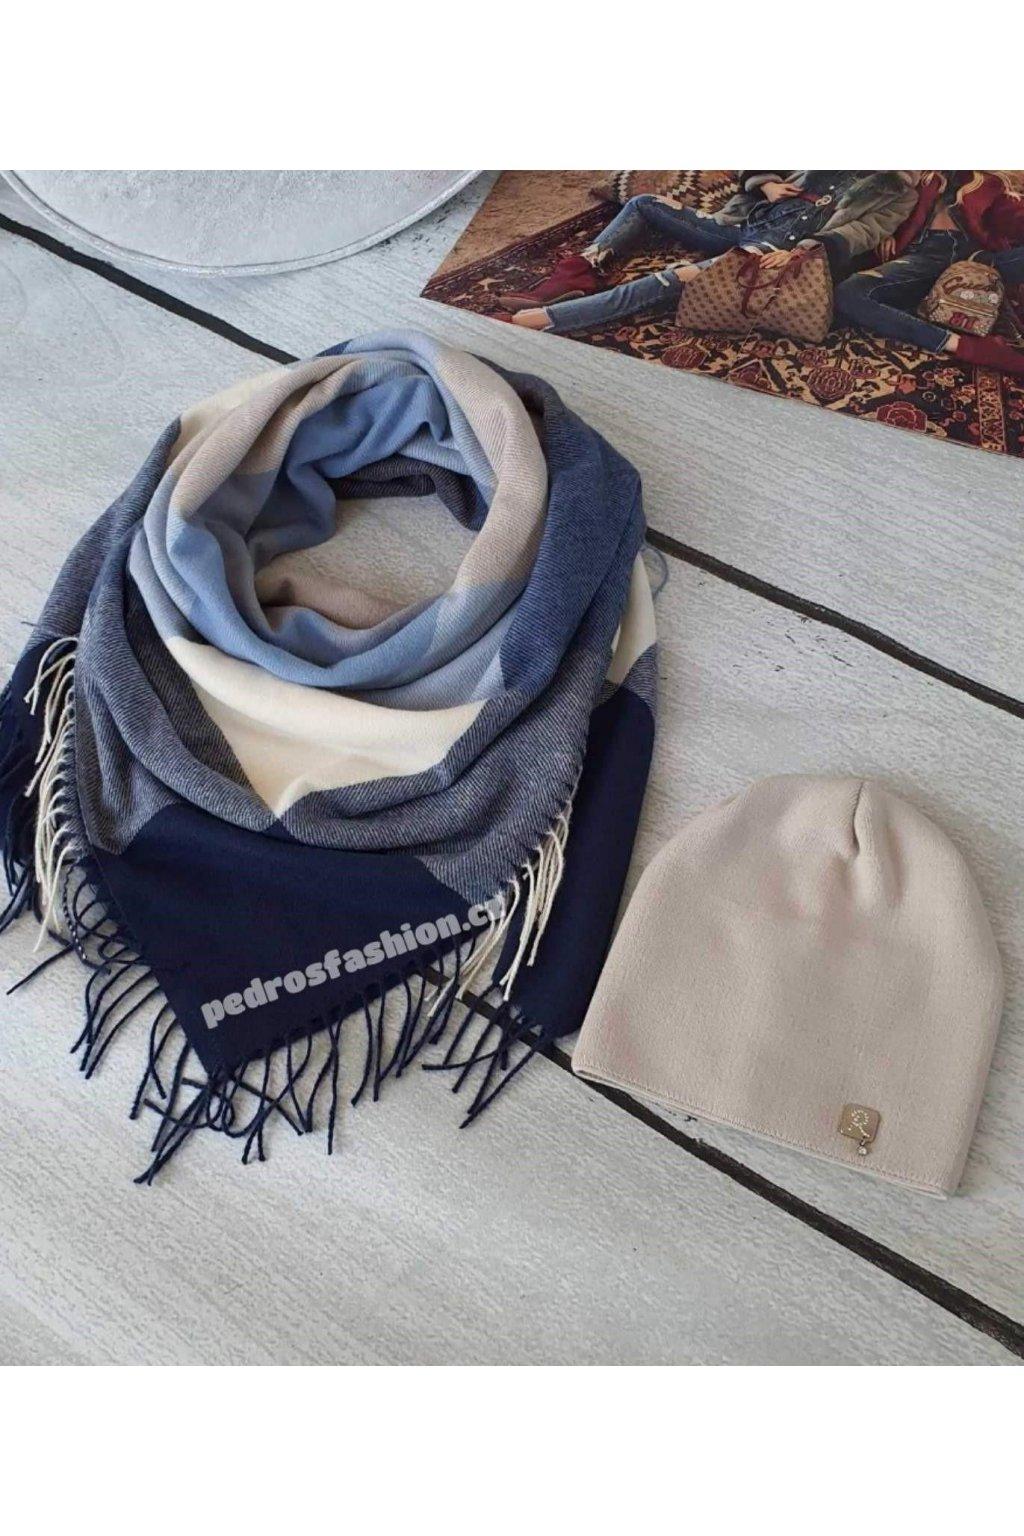 Sladěný set čepice a šátku v kombinaci modré a béžové barvy